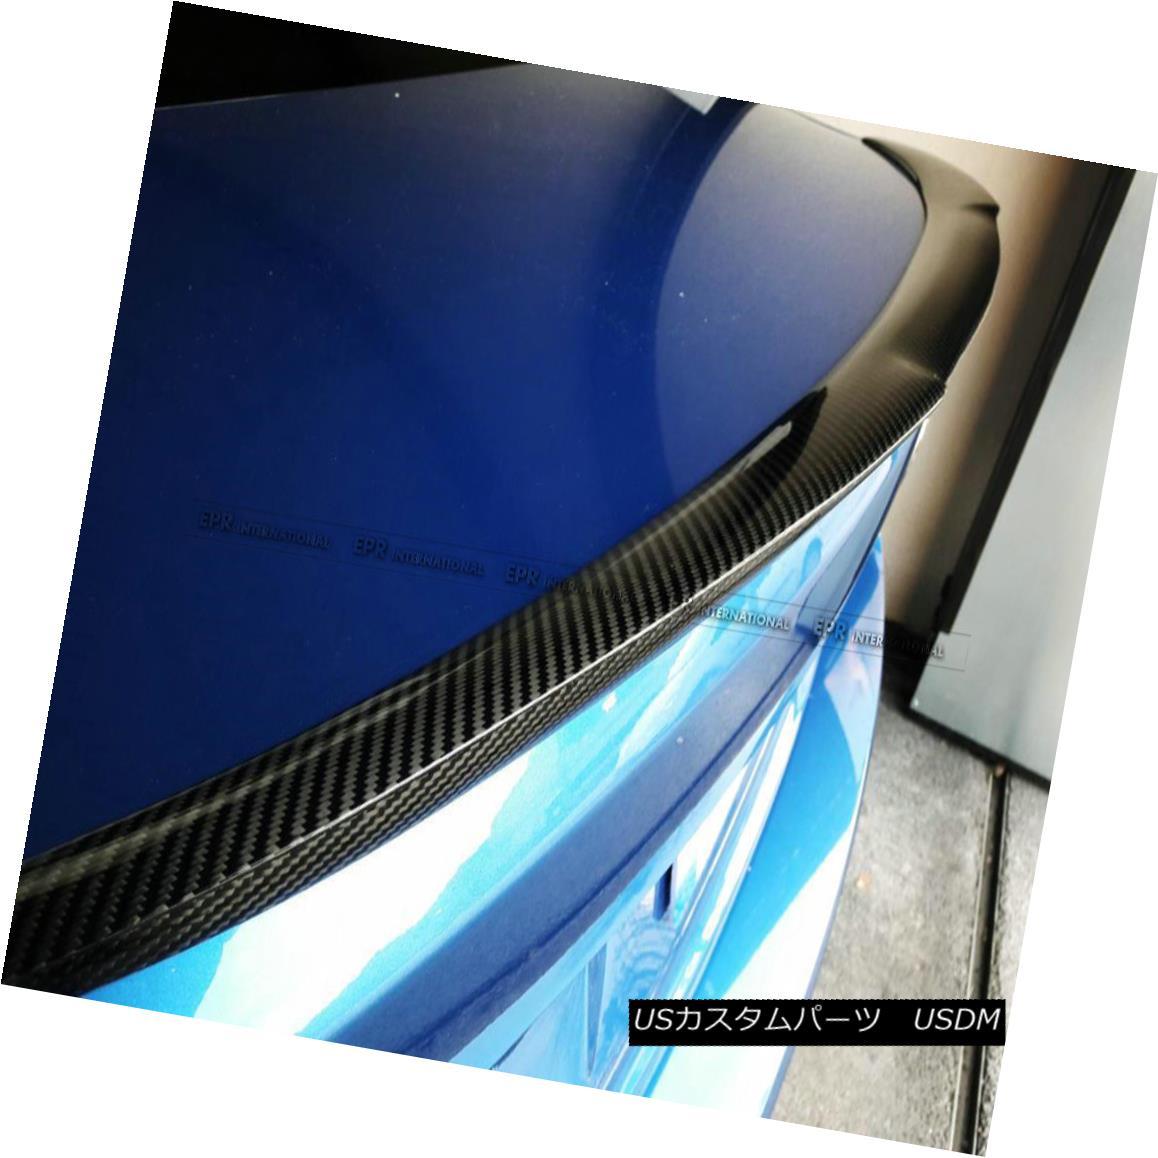 エアロパーツ For BMW 2 Series F22 M4(V)Style 14-17 Carbon Fiber Rear Trunk Spoiler Refit Kit BMW 2シリーズF22 M4(V)スタイル14-17カーボンファイバーリアトランク・スポイラー・リフィット・キット